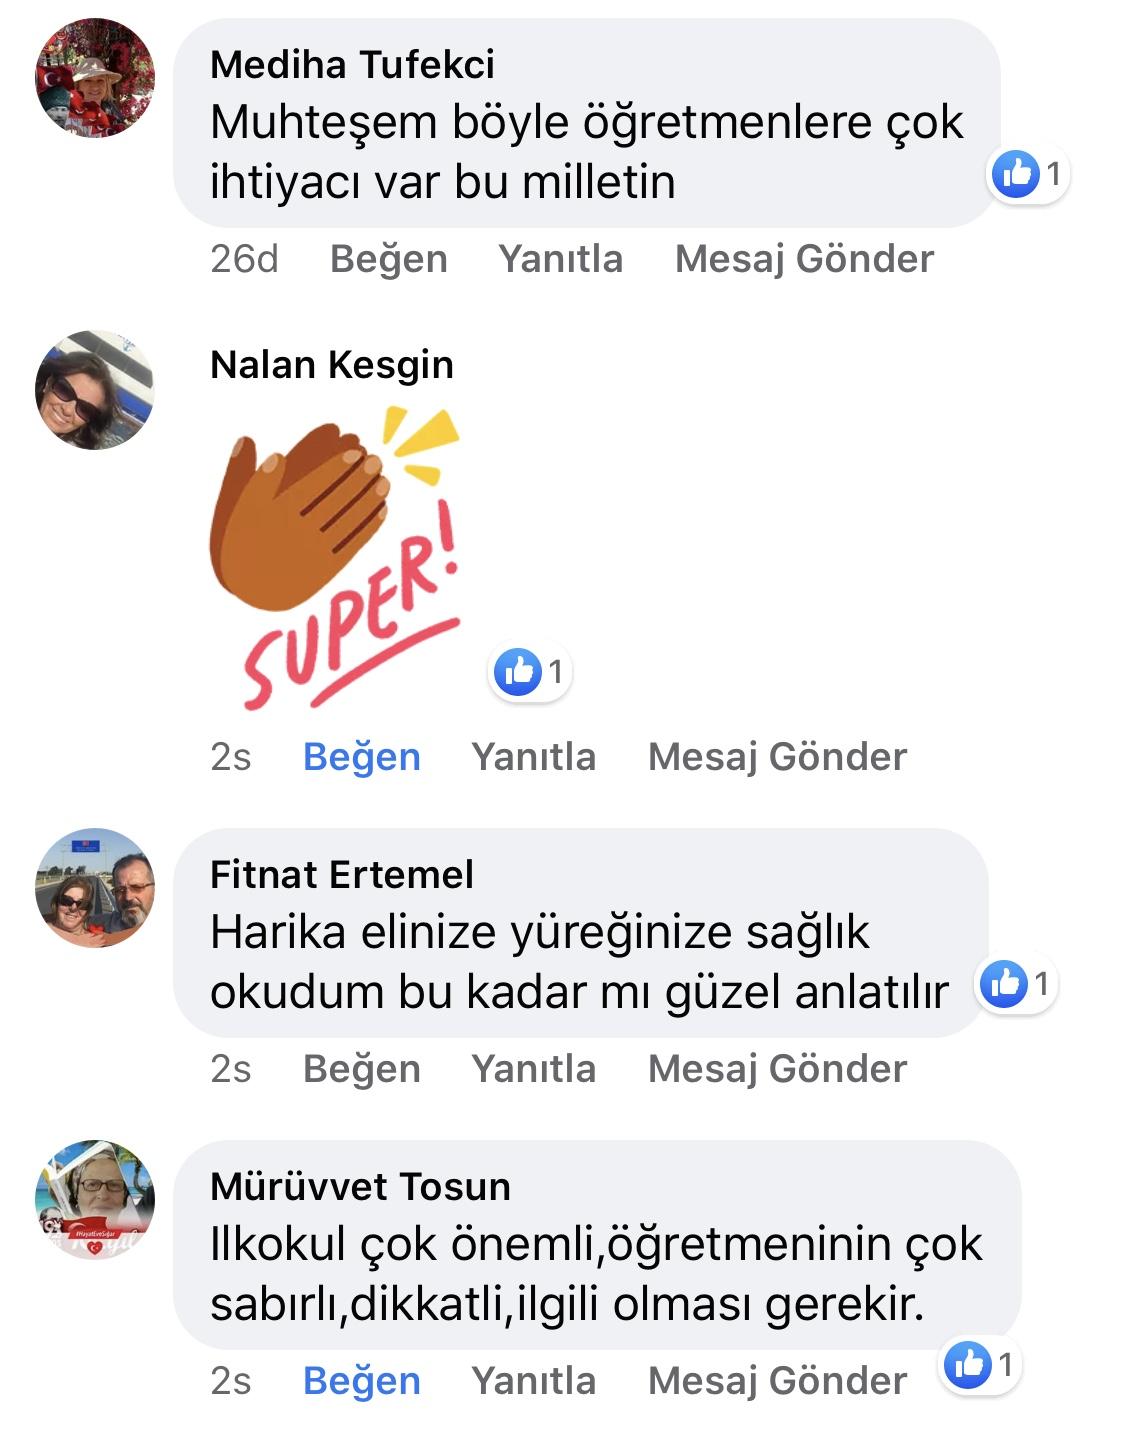 Karnıyarık | Zeynep Mete | SenVeBen Facebook Sayfası Yorumları | 10